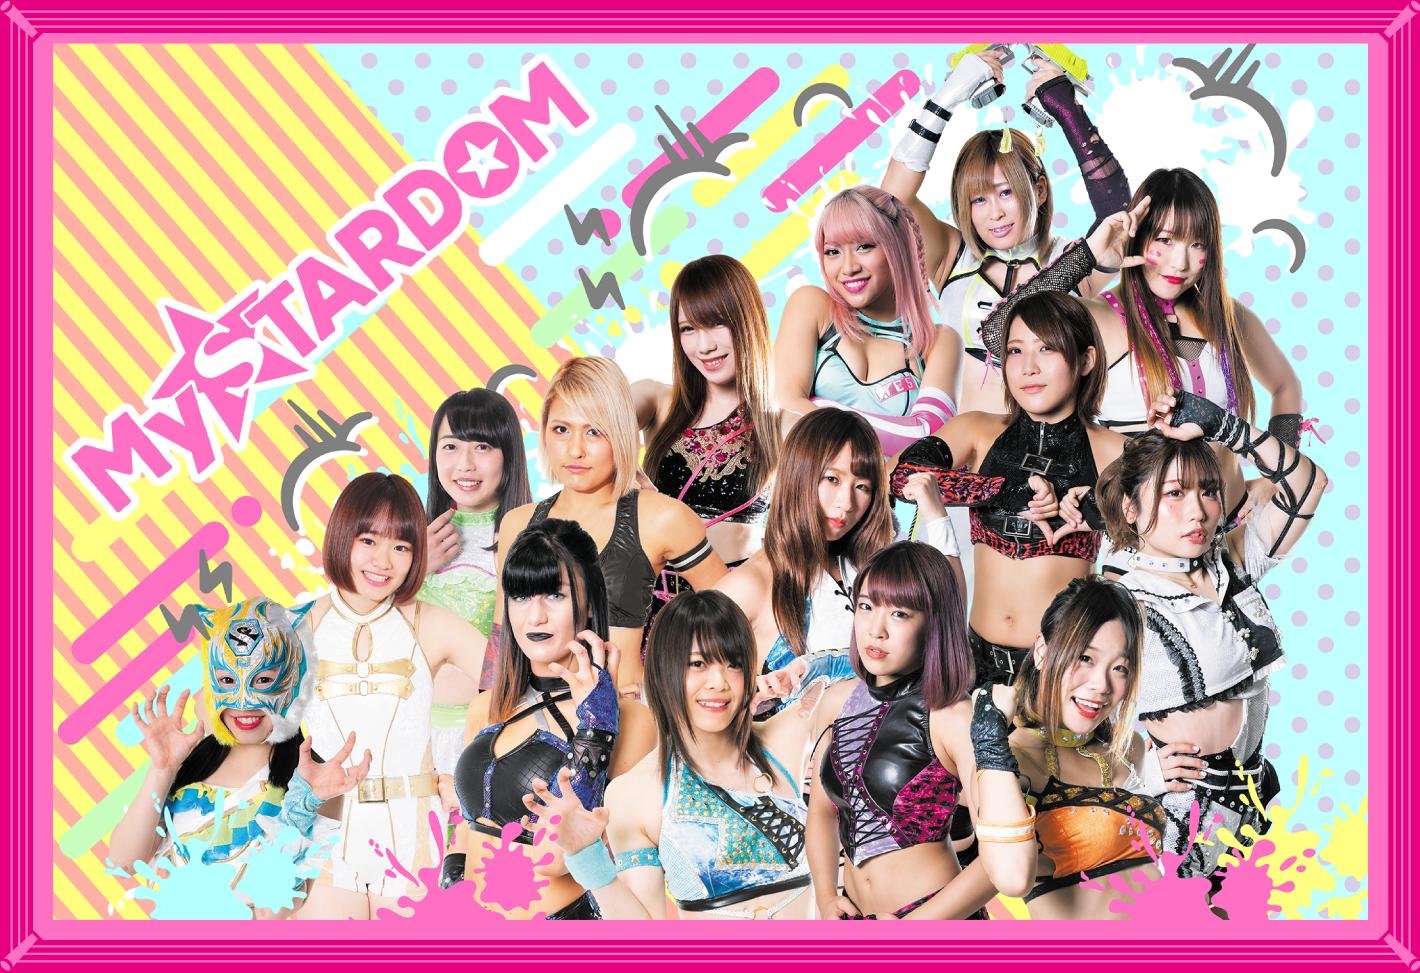 La empresa Stardom anuncia el regreso a la actividad 1